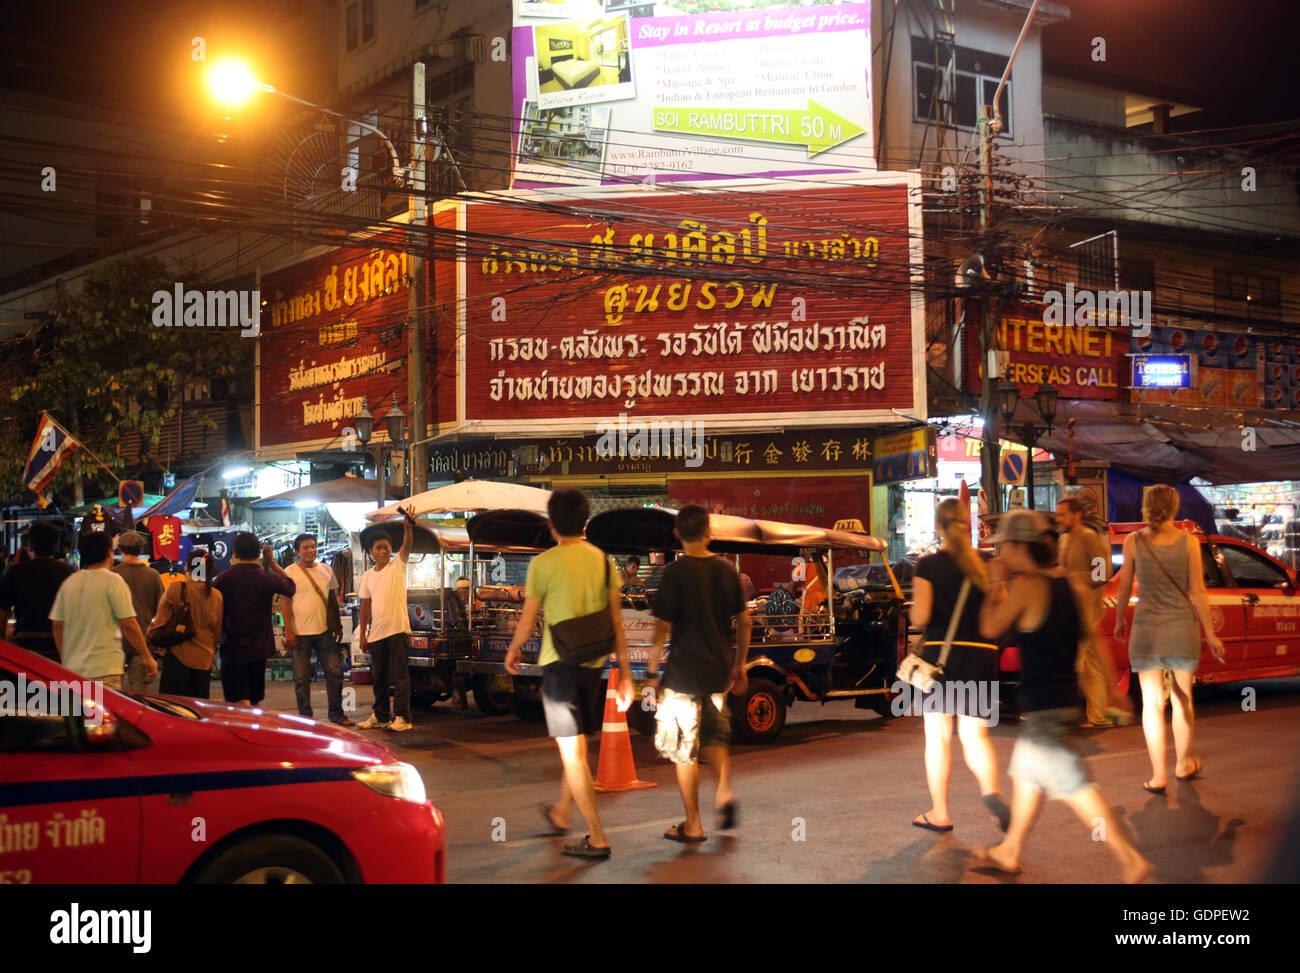 Ein Strassenecken im Stadtteil Banglampoo im Historischen Zentrum der Hauptstadt Bangkok in Thailand. - Stock Image